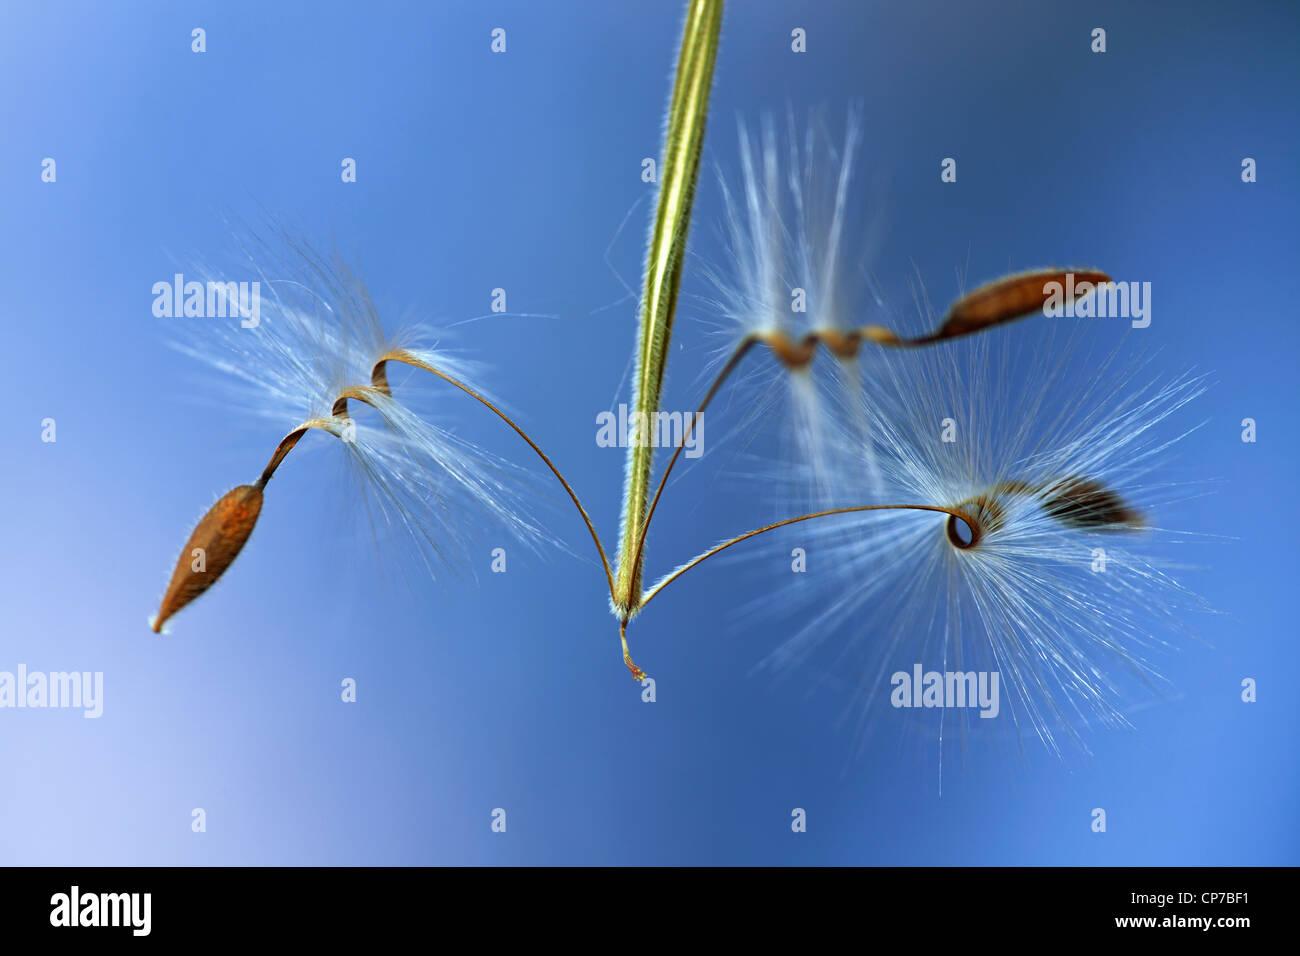 Pelargonium x hortorum 'Red Satisfaction', Pelargonium, Brown, Blue. - Stock Image